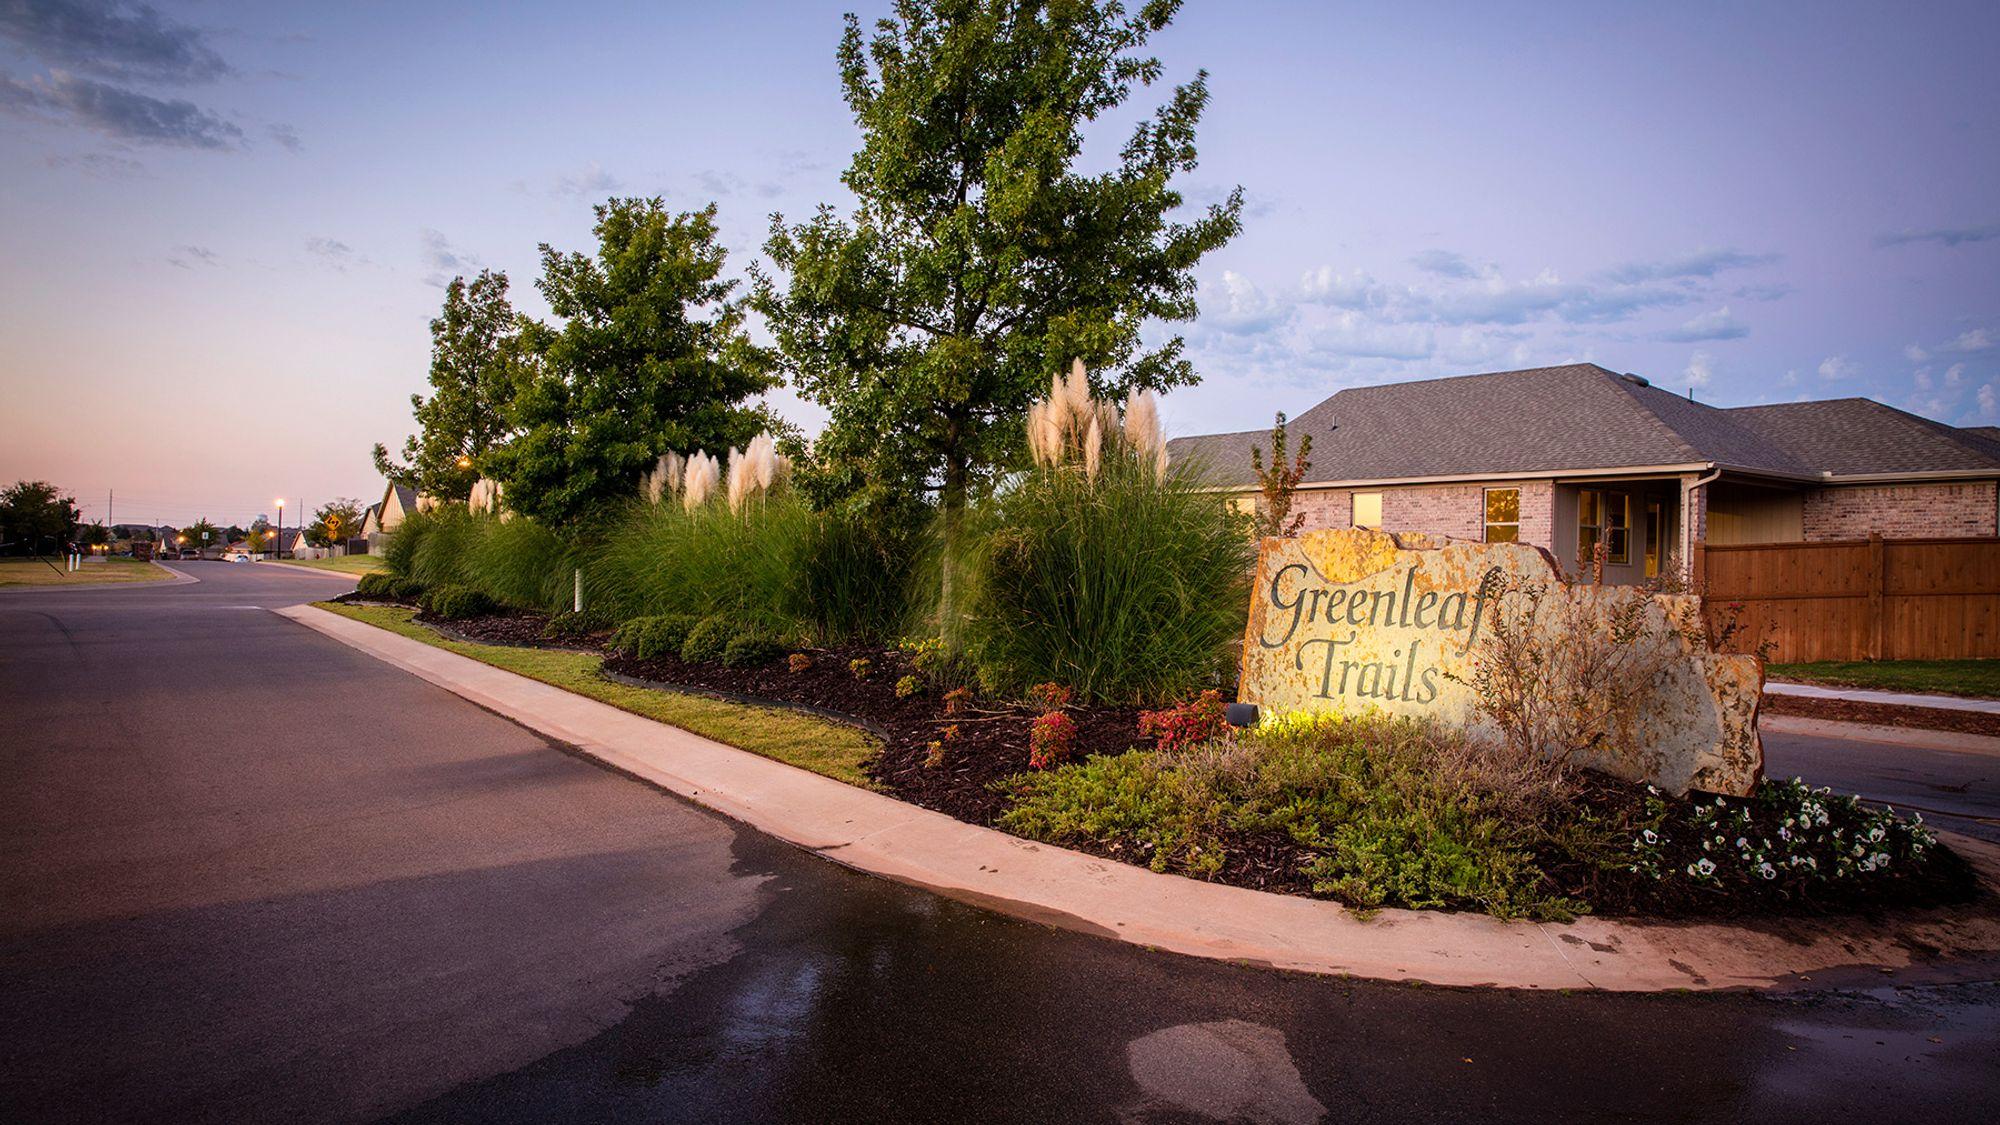 Greenleaf Trails Entrance Sign